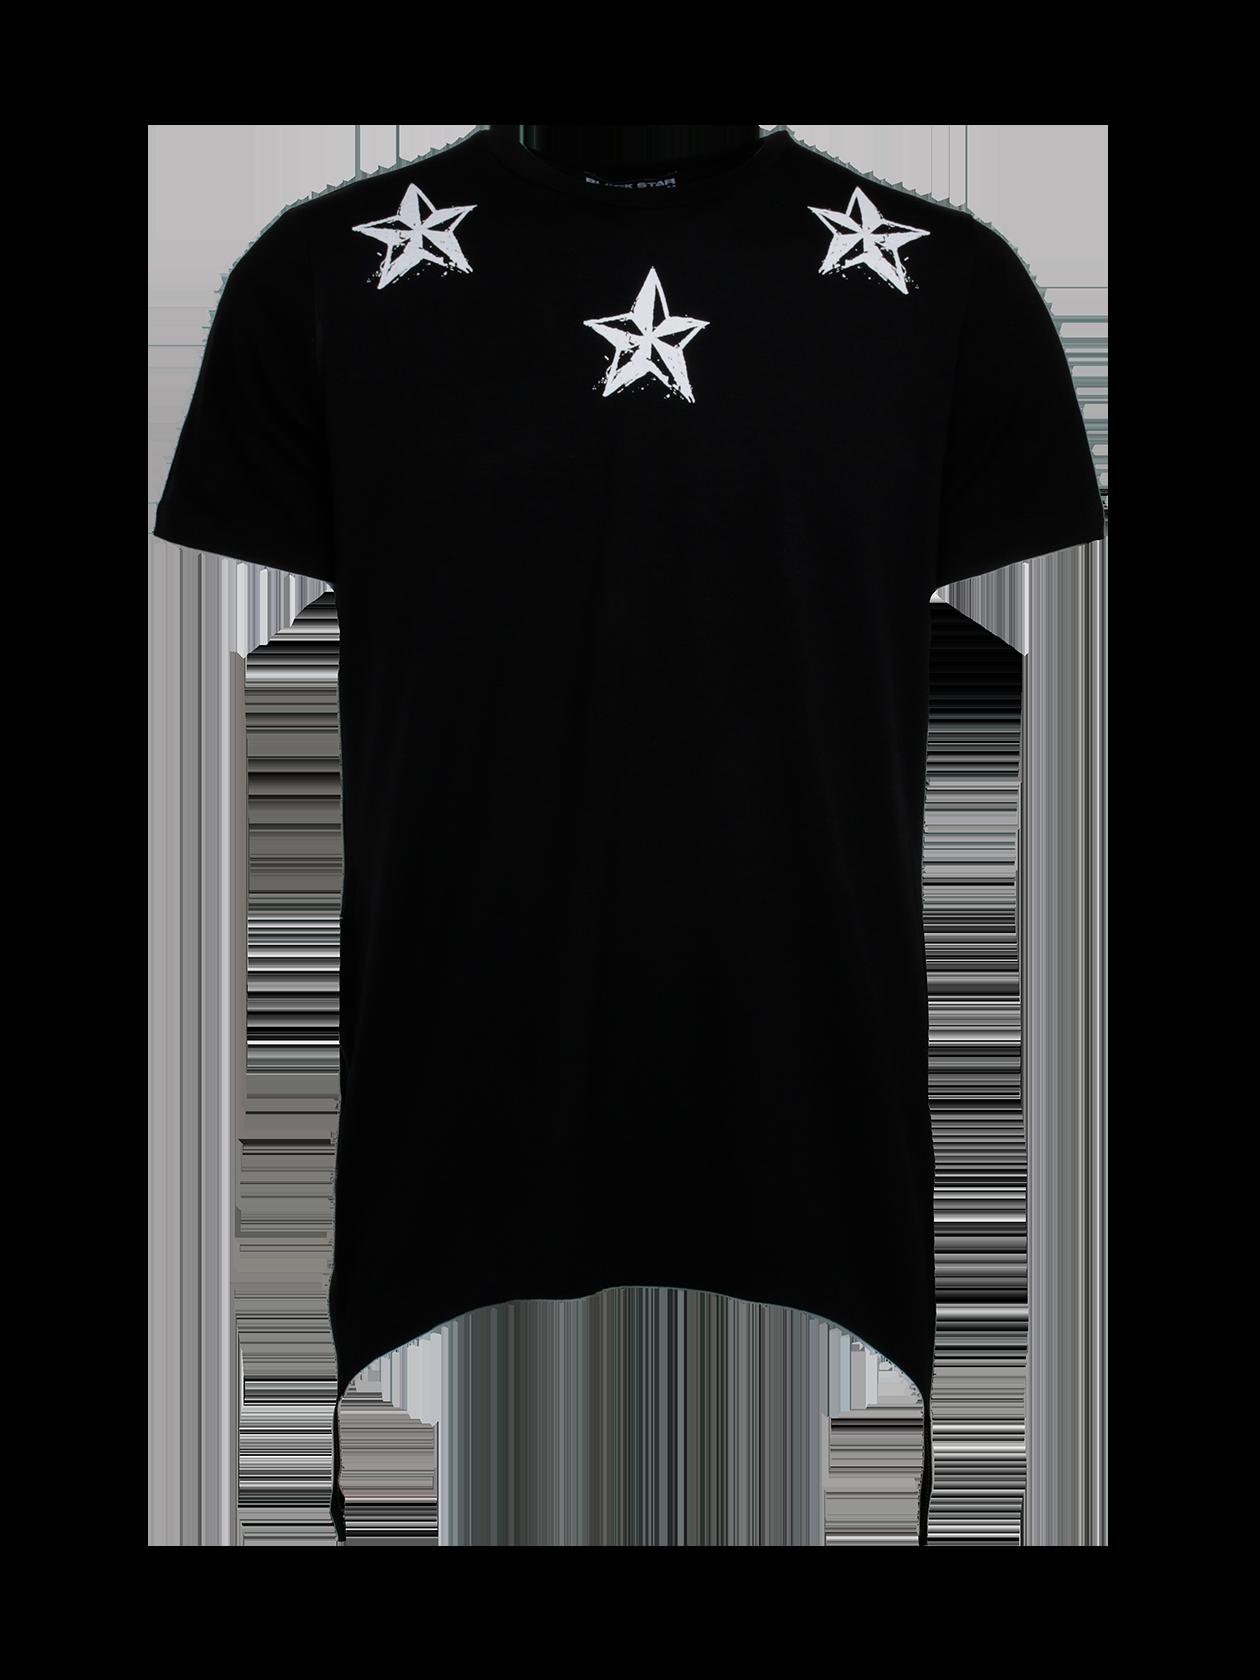 Футболка мужская REGULARМужская футболка из новой коллекции Black Star Wear. Стильная, практичная и очень качественная модель свободного кроя с коротким рукавом, а так же уникальным дизайнерским рисунком на груди в стилеBlack Star. Изделие выполнено из натурального хлопка премиального качества, что обеспечит безупречный комфорт. Низ дополняет ультрамодное дизайнерское решение в виде черных широких молний по бокам. Идеально дополнит стильный мужской образ на каждый день. Несомненно станет незаменимой и любимой вещью в гардеробе. Модель доступна в сером, черном и белом цветах.<br><br>Размер: XS<br>Цвет: Черный<br>Пол: Мужской